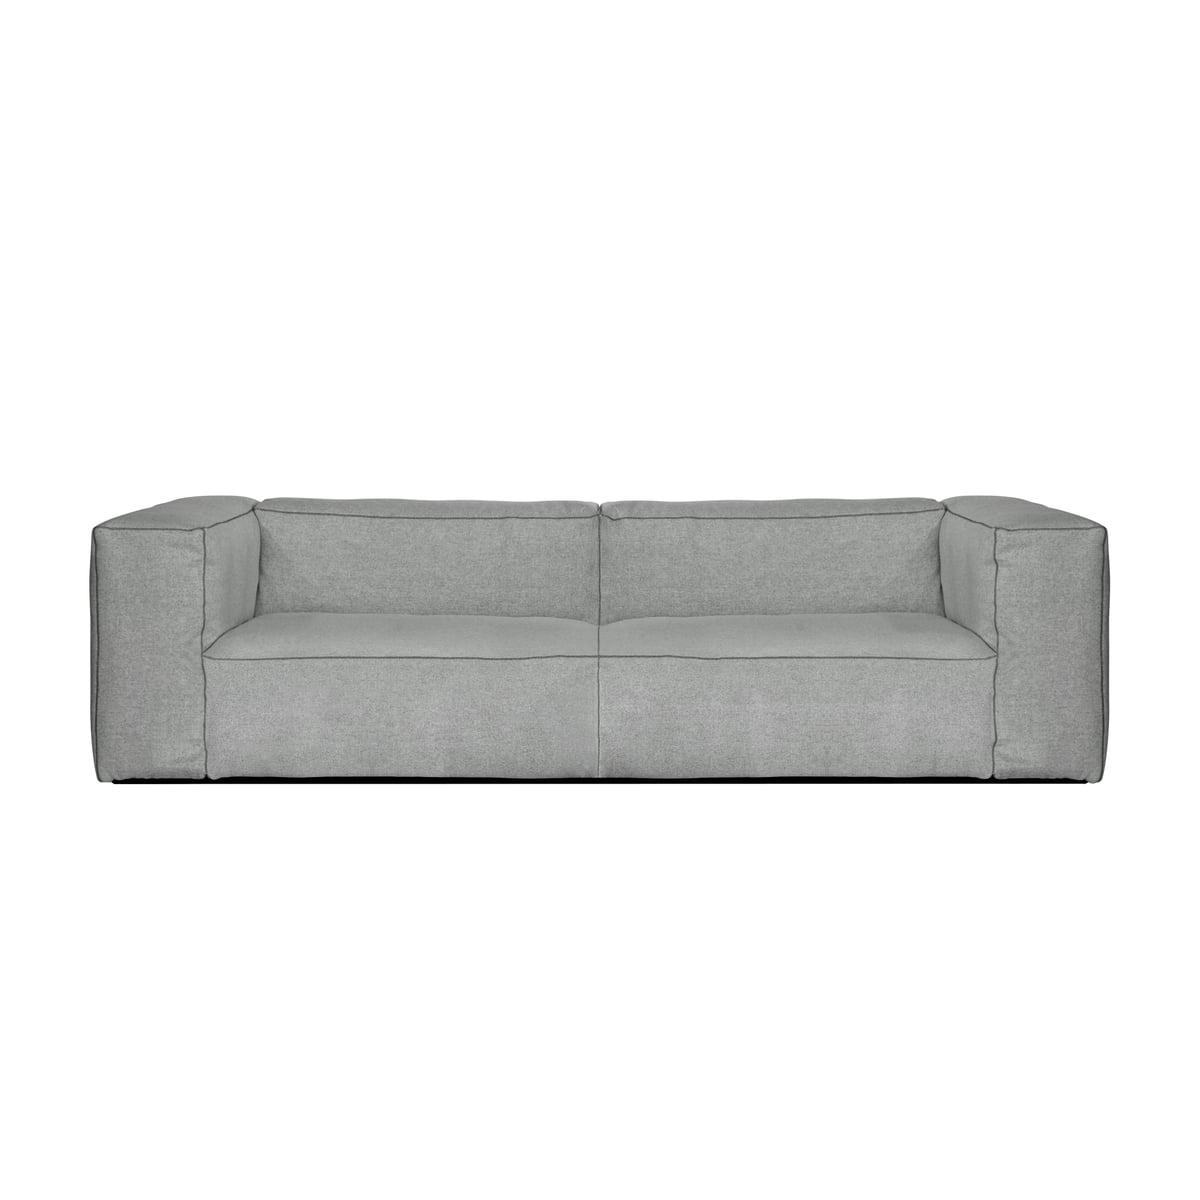 Hay - Mags Soft Canapé 2,5 Places, Combinaison 1, Gris Clair (Hallingdal  130) / Coutures : Gris Foncé destiné Canape 5 Places